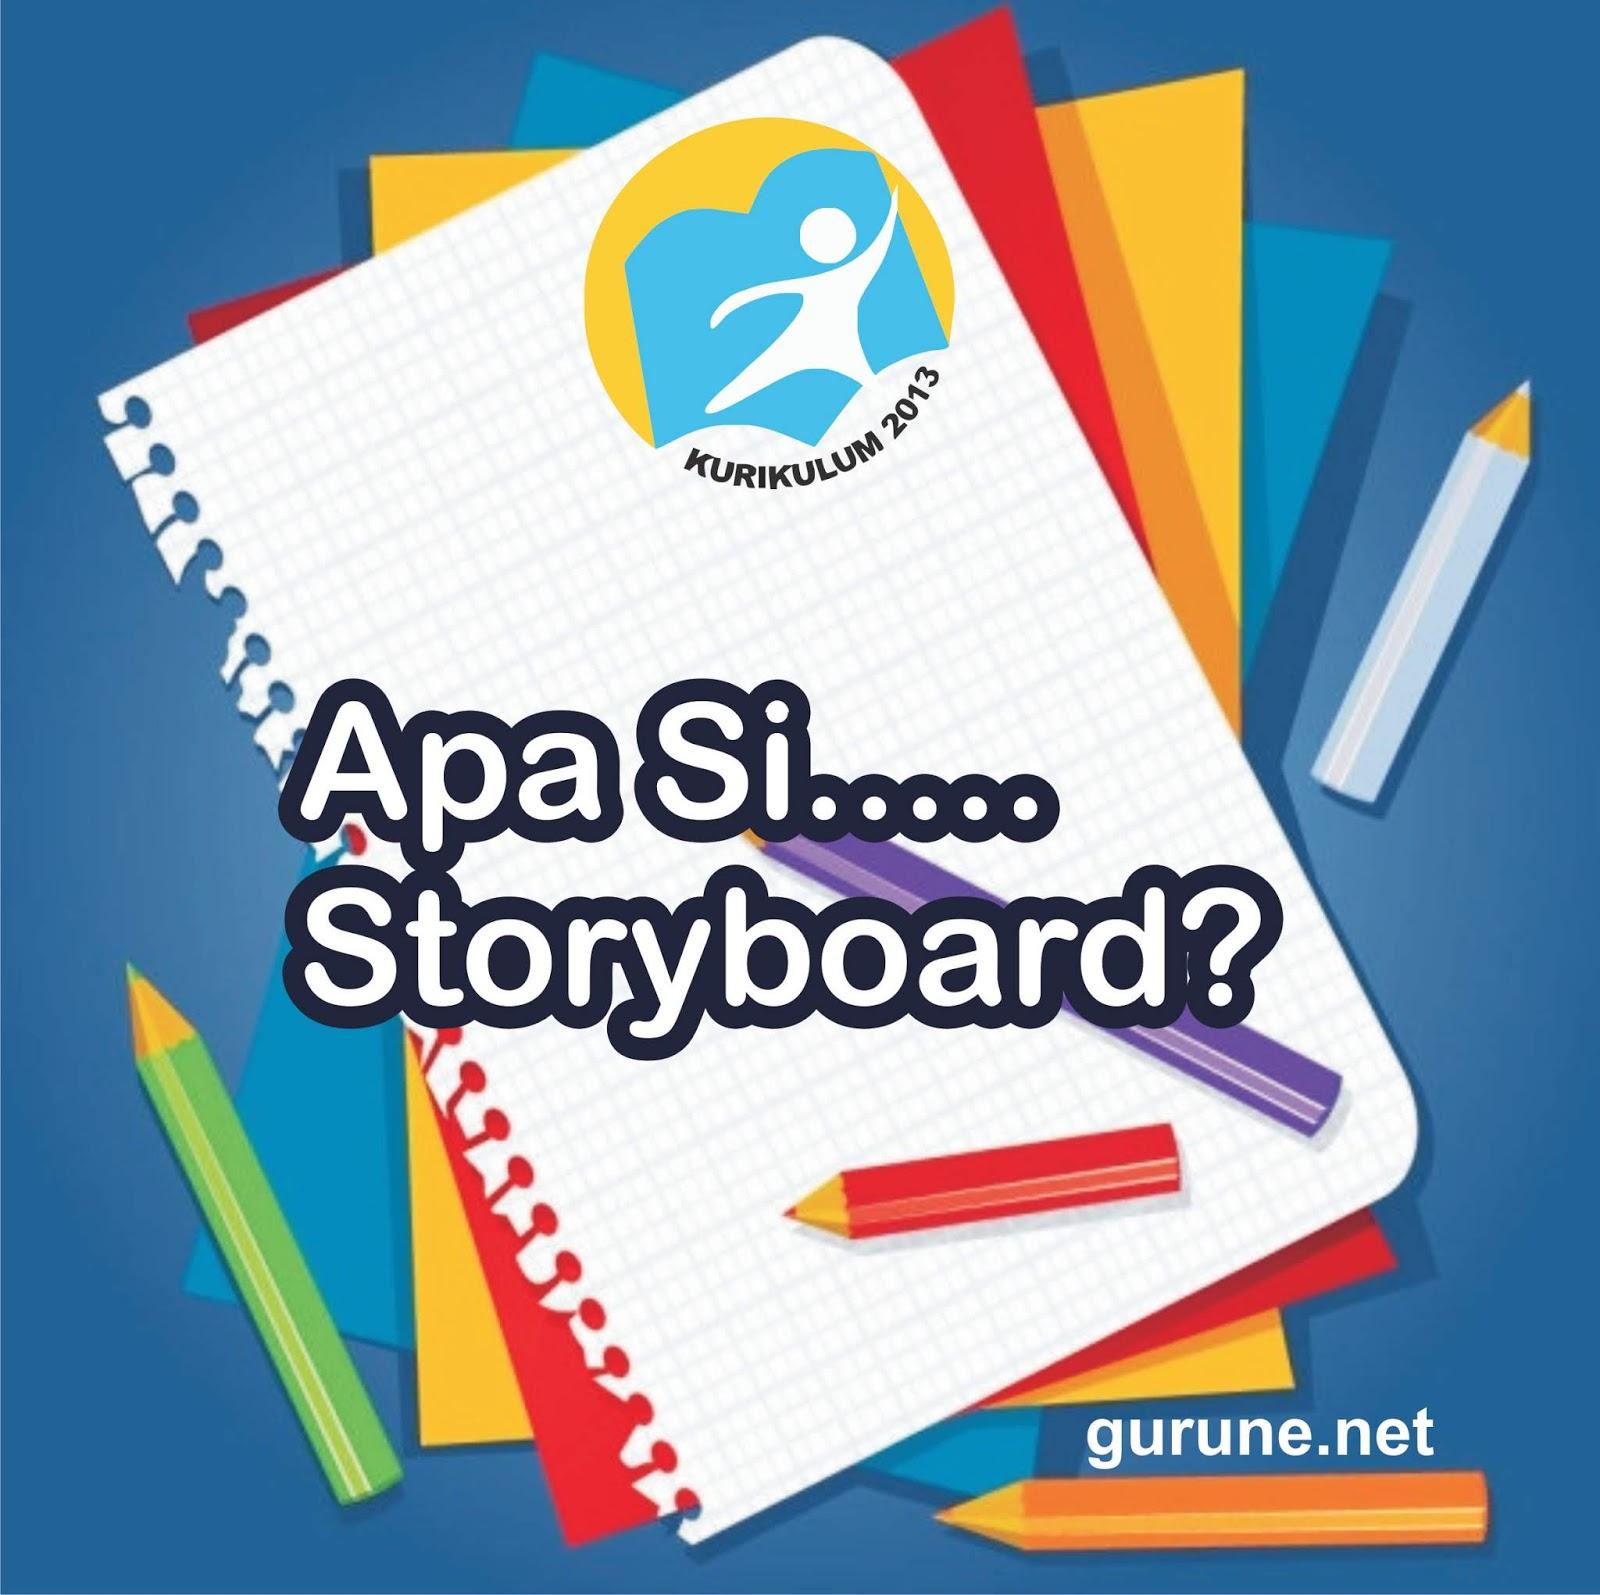 Apa yang dimaksud dengan storyboard ? - gurune.net